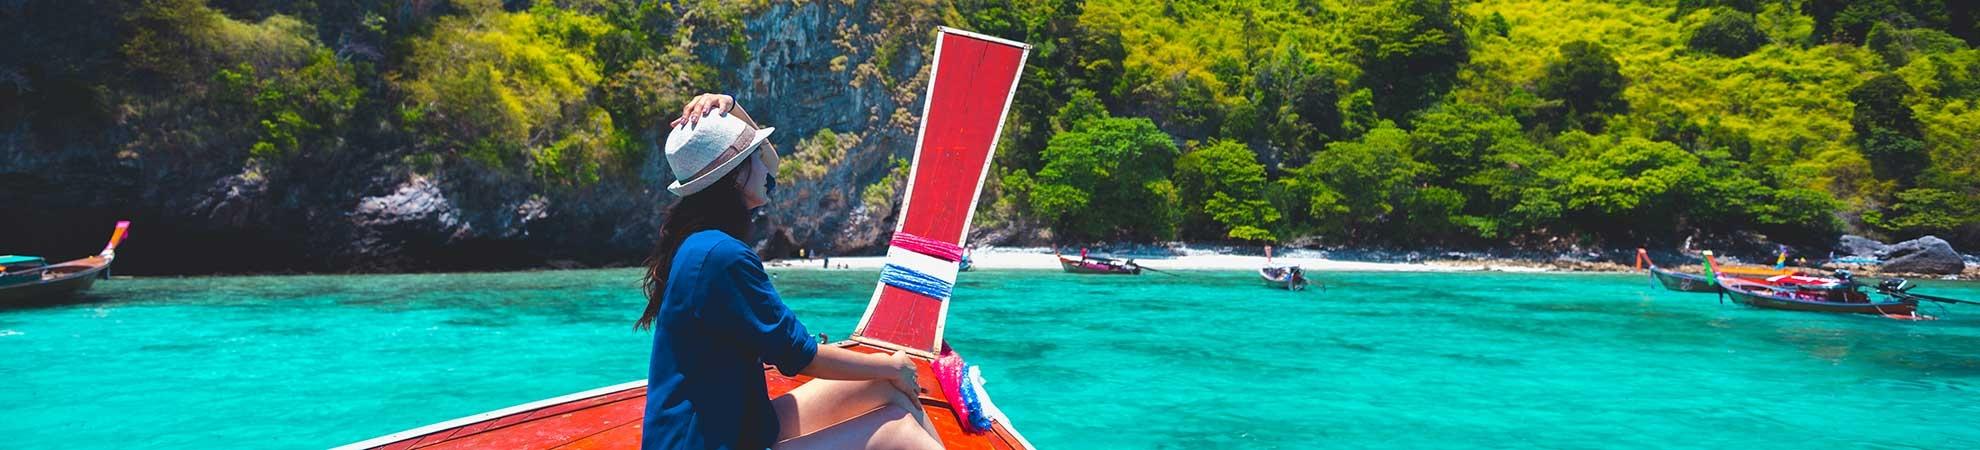 Activités Sport et loisirs Thaïlande